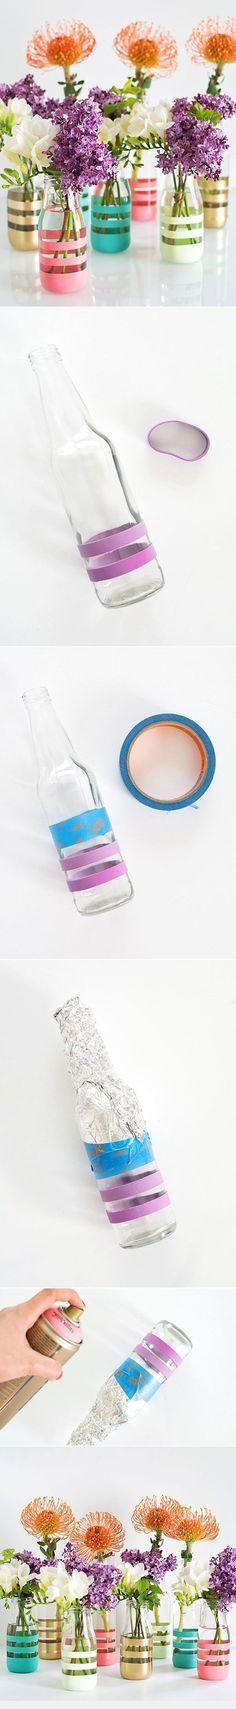 Idea para decorar la Reunión de Damas ~Envases de vidrio con lindos colores ✿⊱╮